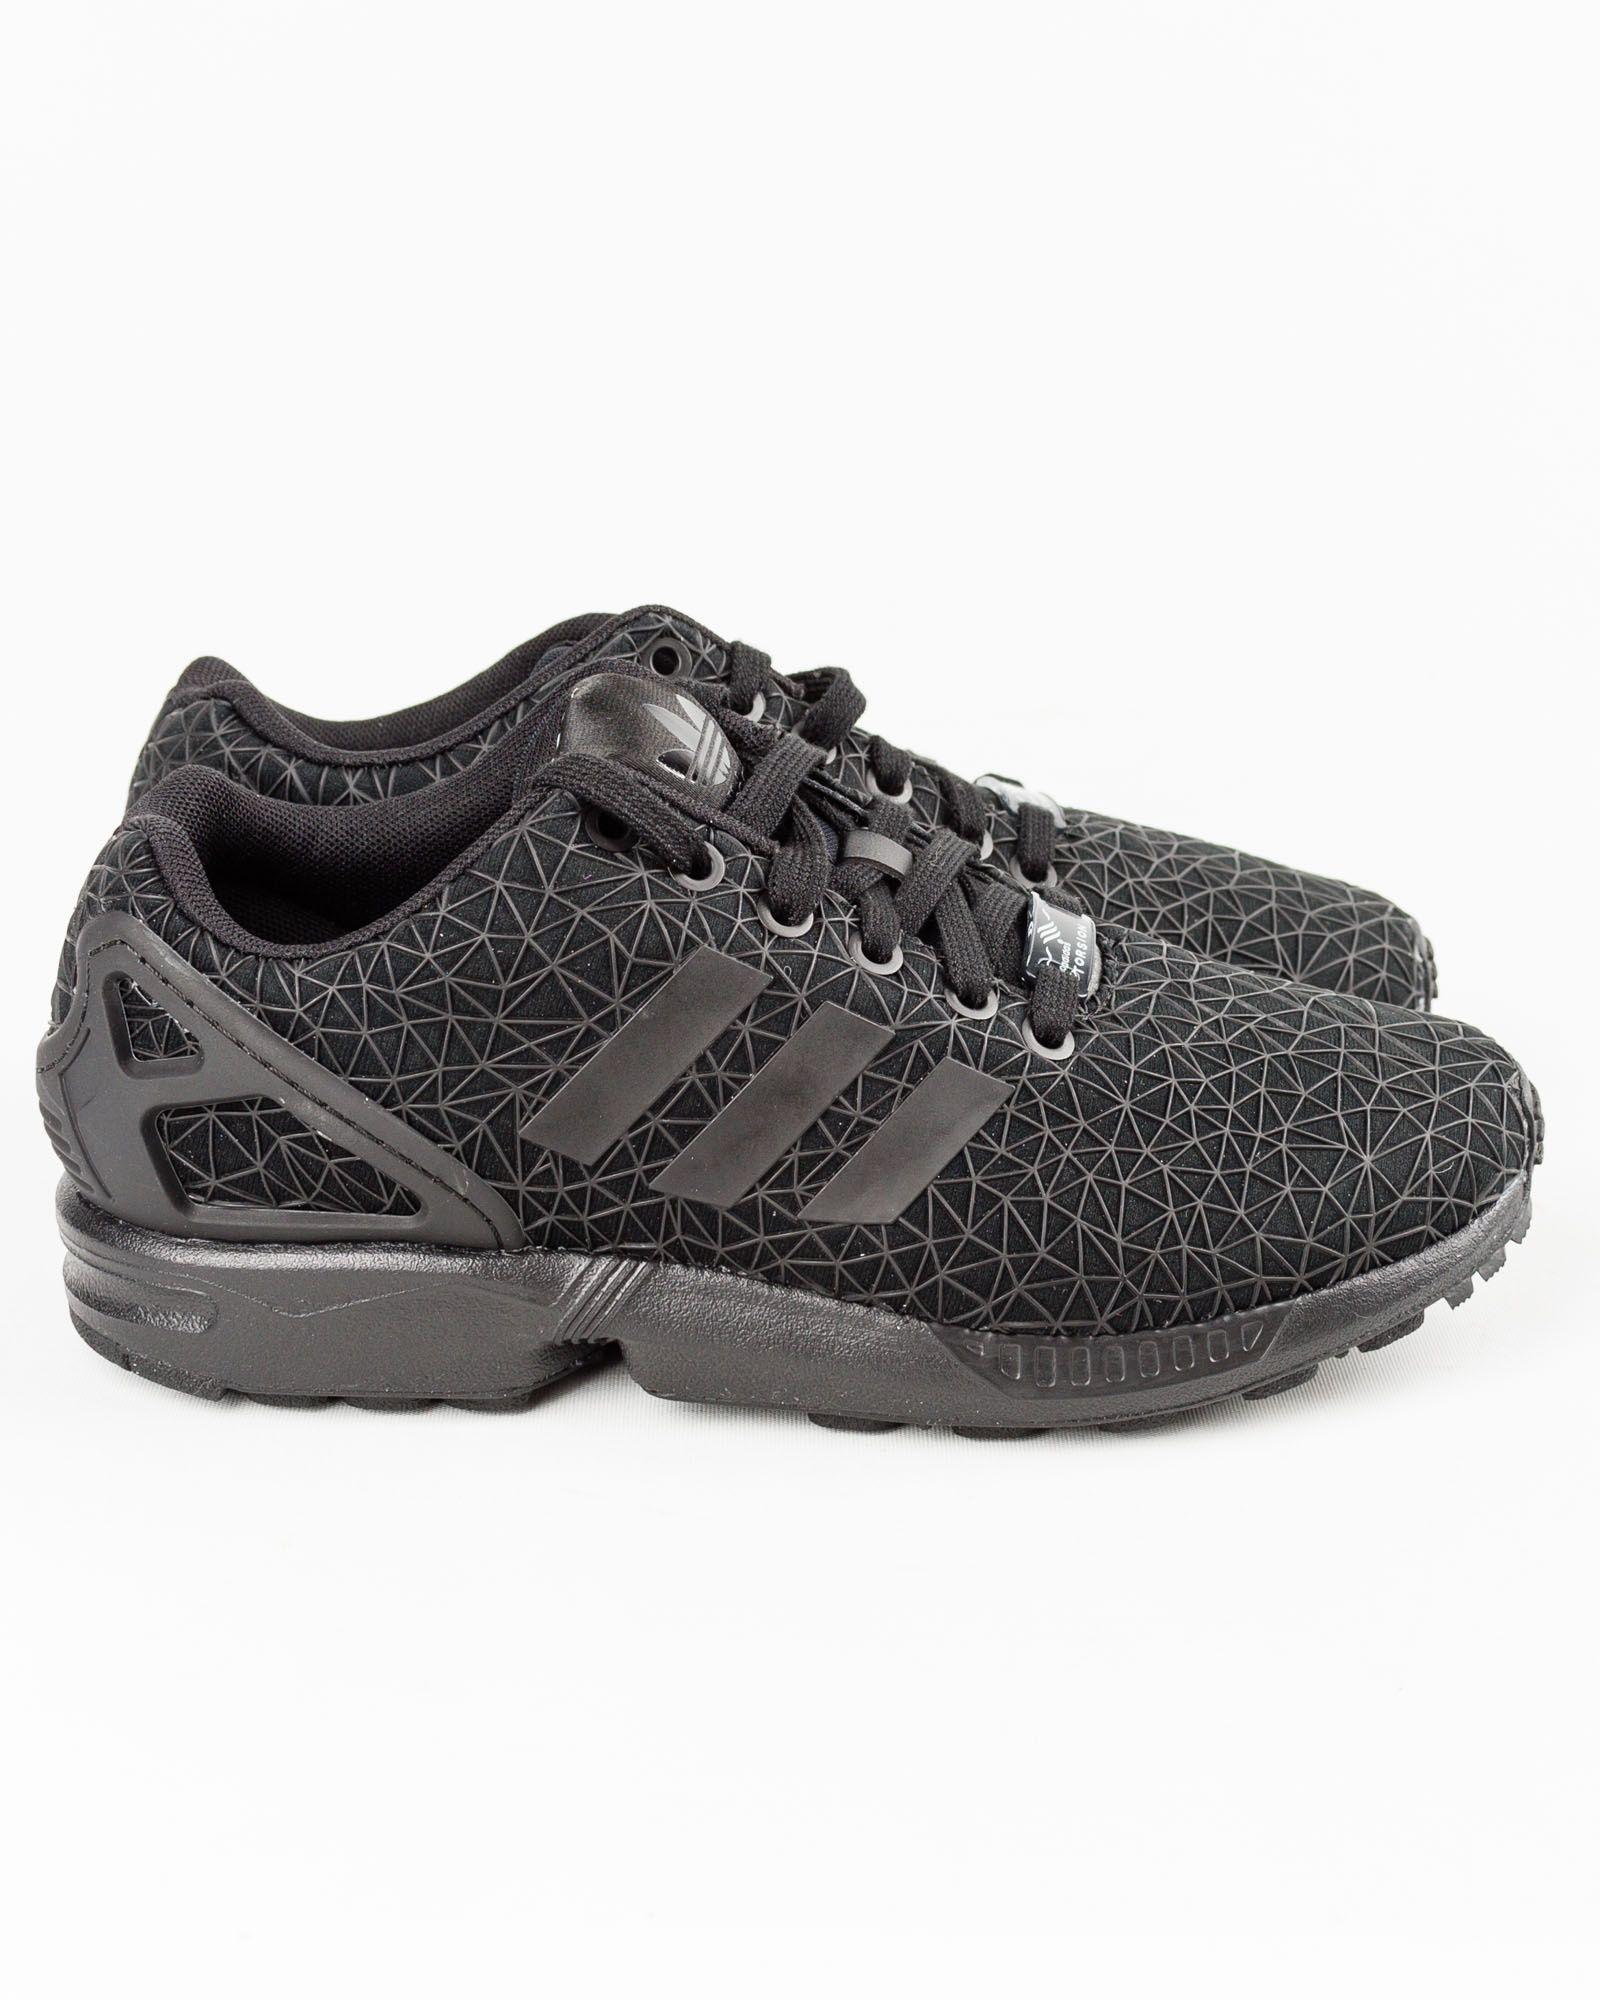 meilleure sélection 985a9 55d99 Sneakers Zx Flux Noir Adidas - Majestic | Adidas | Sneakers ...